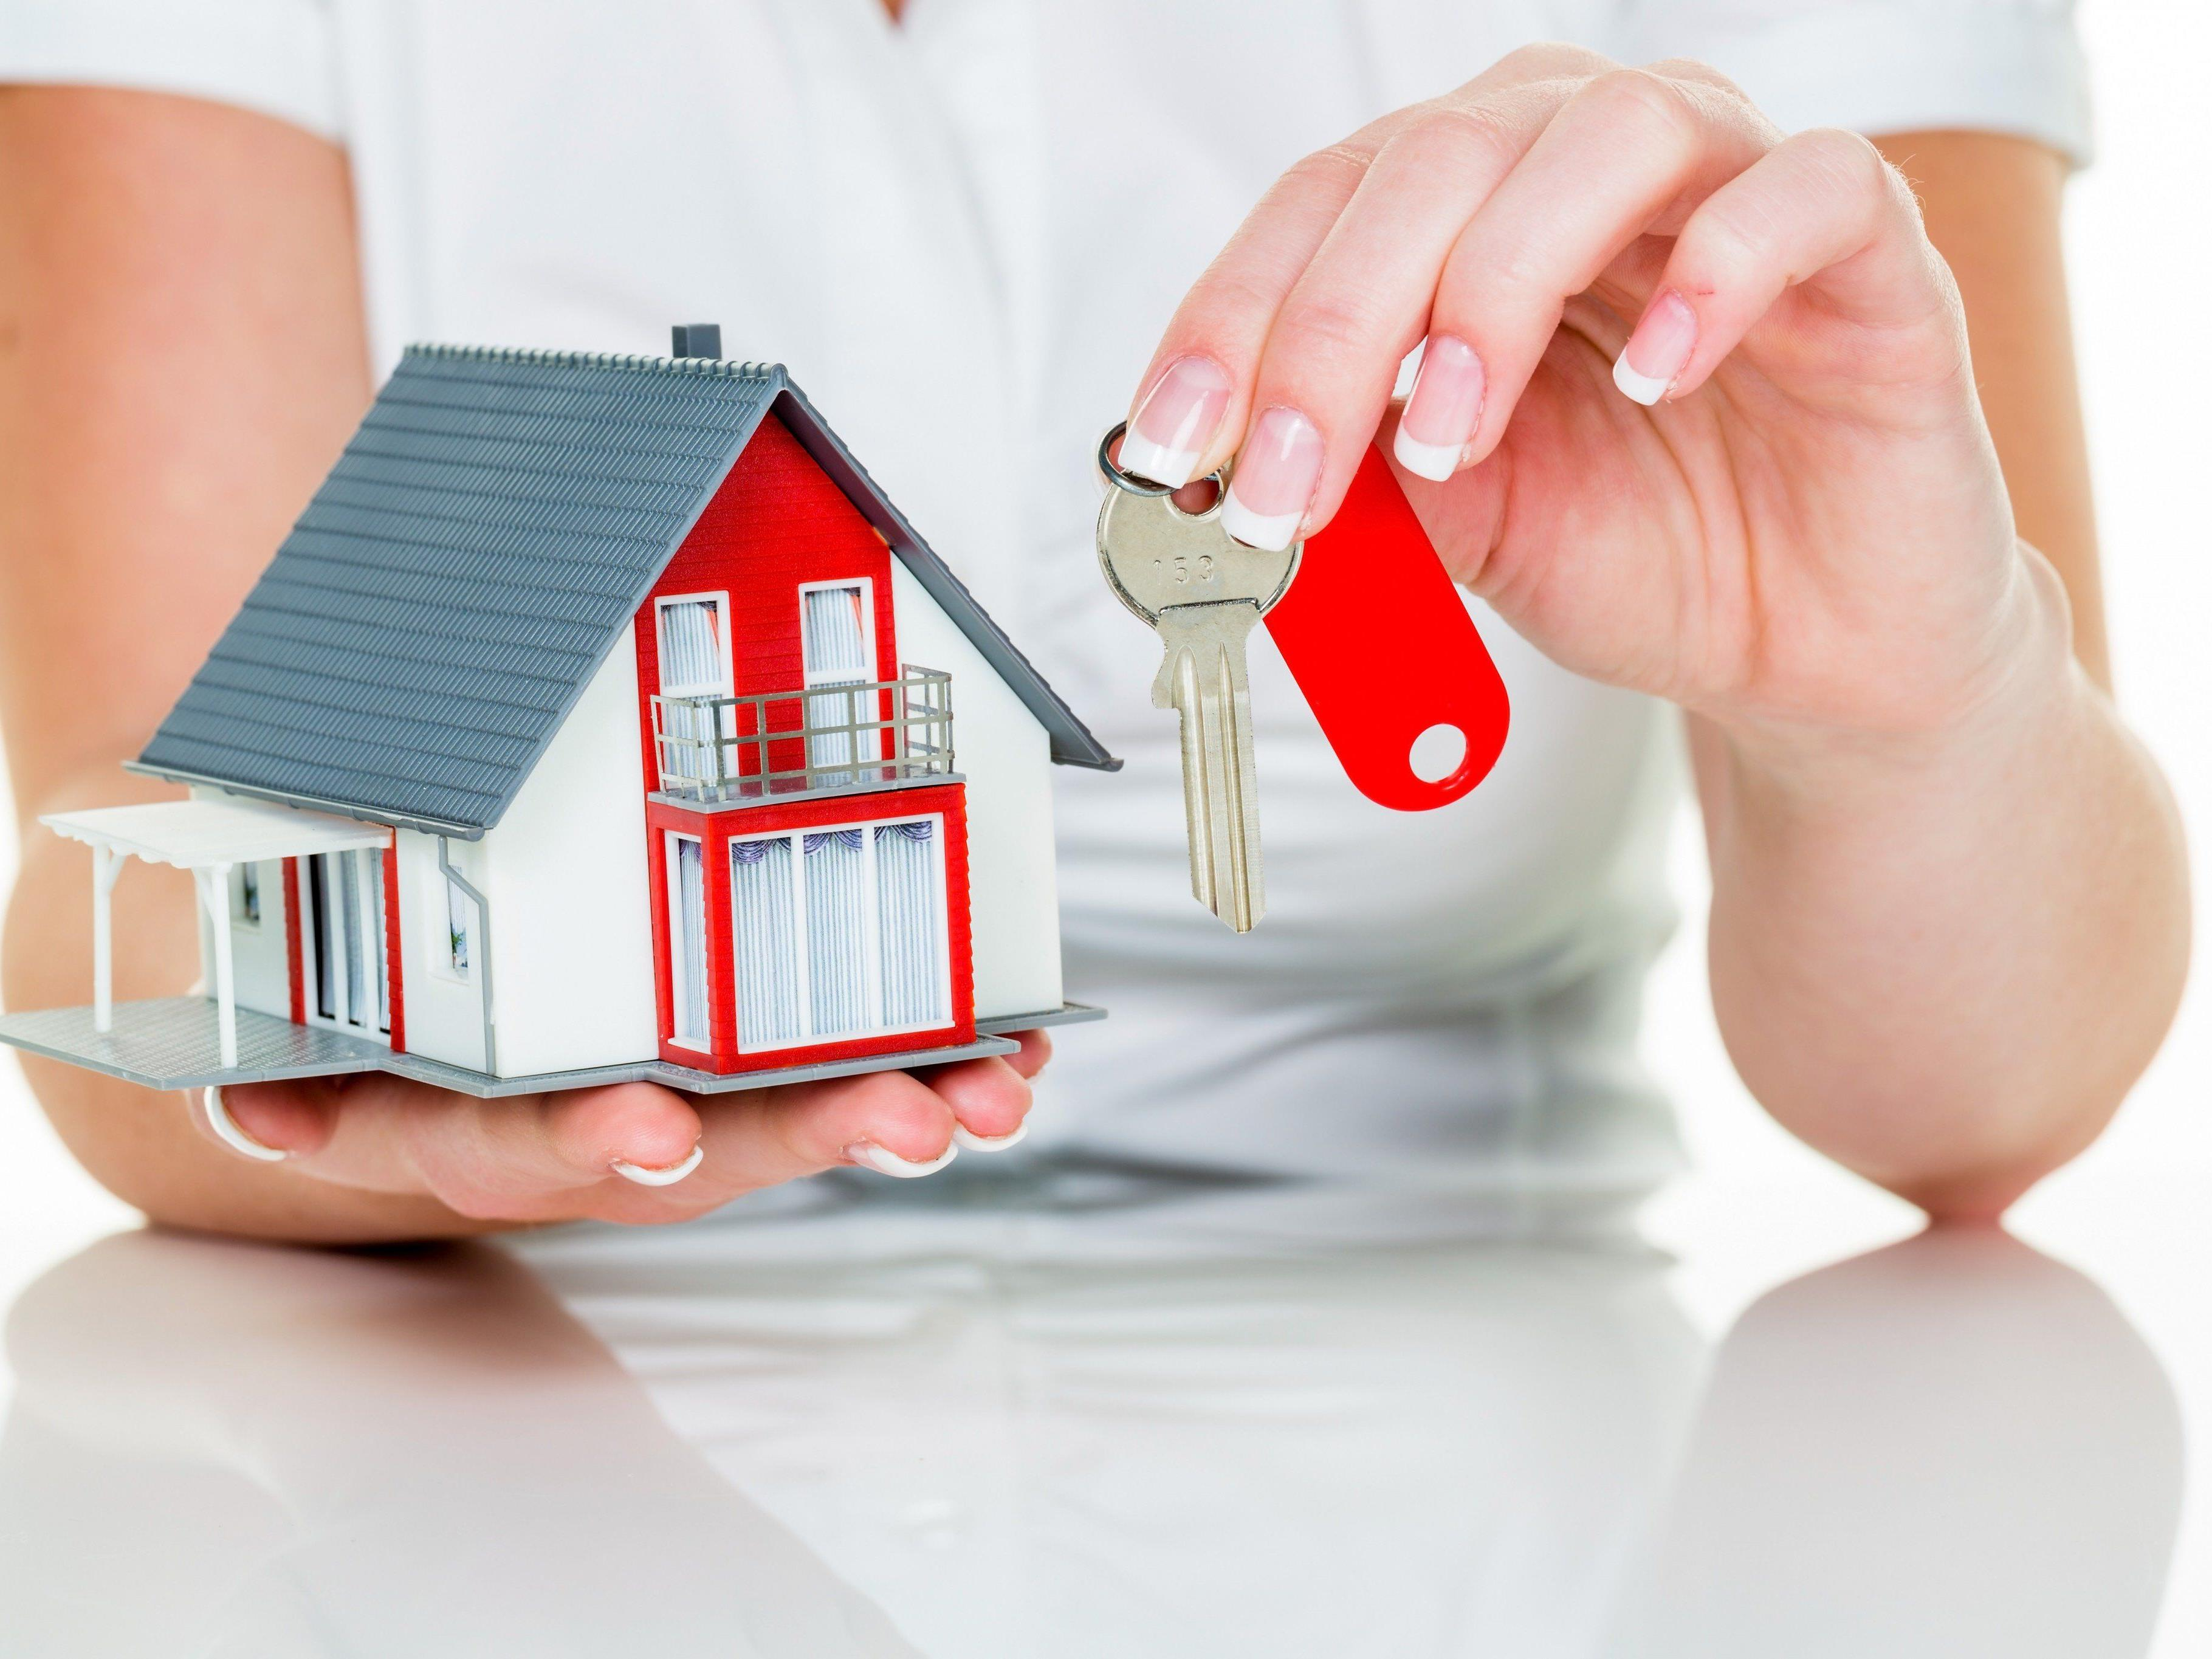 Von der Planung bis zum Einzug: So erschaffen Sie Ihr Traumhaus.